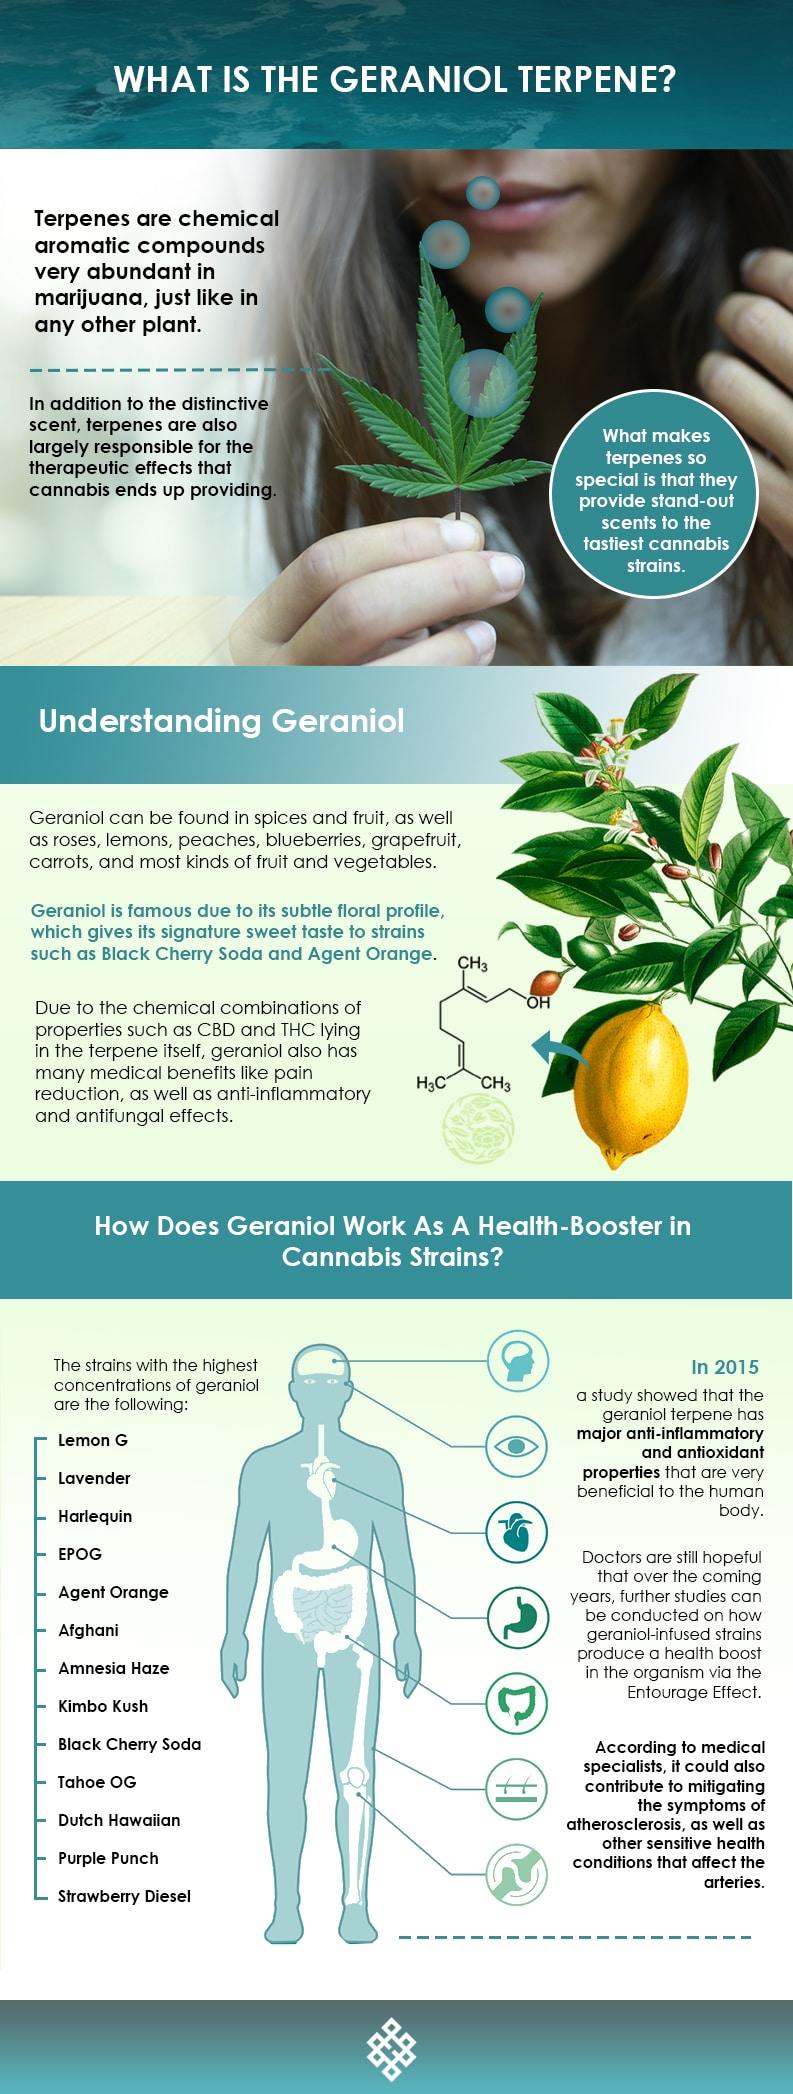 Geraniol Terpene, What Is The Geraniol Terpene?